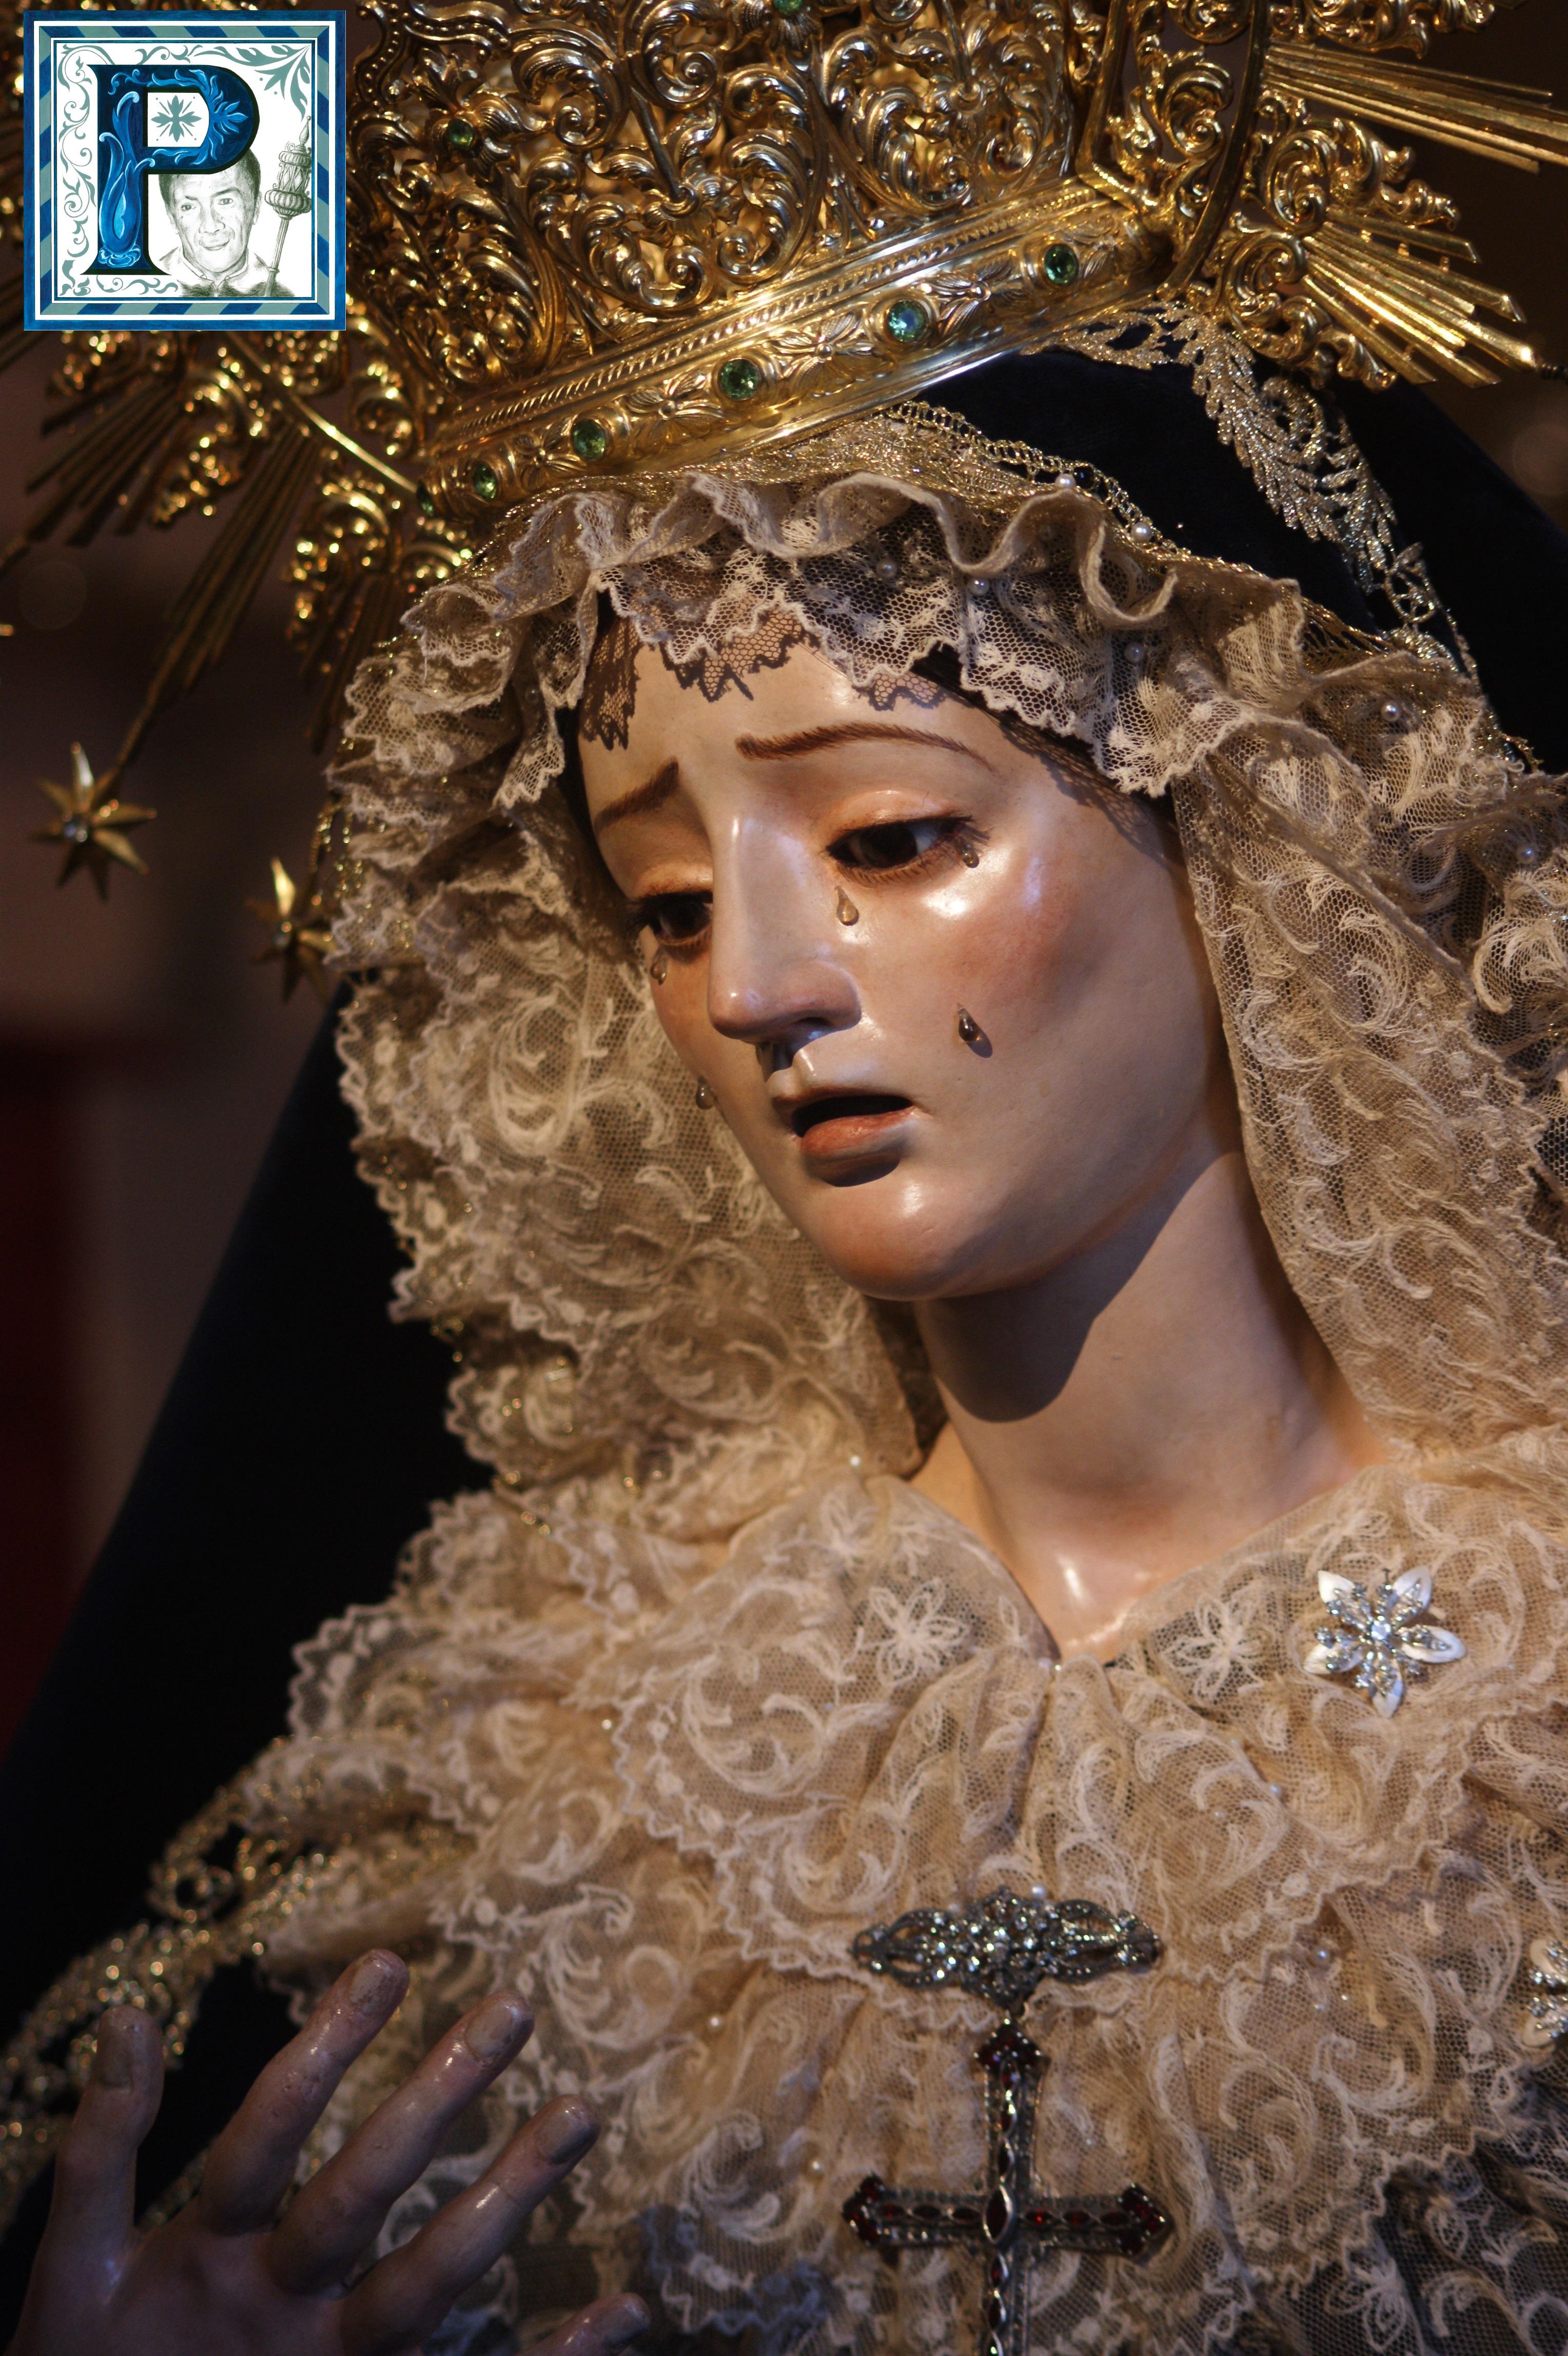 La Virgen del Perpetuo Socorro será repuesto al culto en la festividad de la Inmaculada